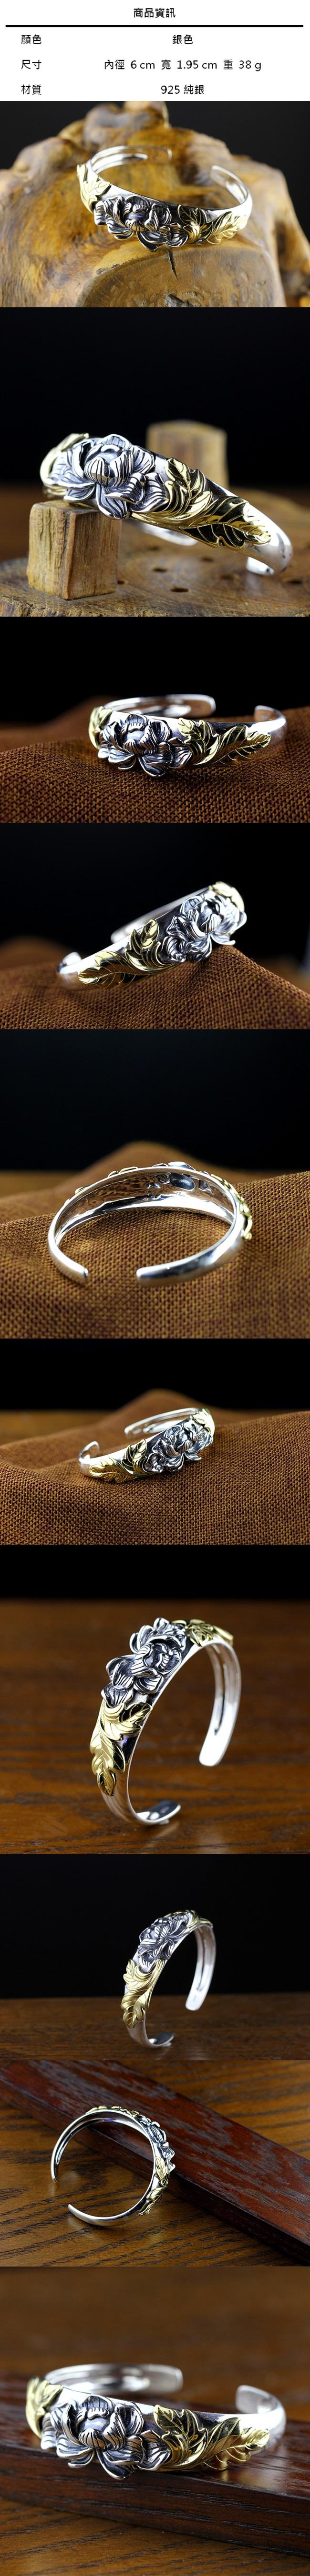 手環 925純銀-鏤空梵文六字真言七夕情人節生日禮物男女手鐲